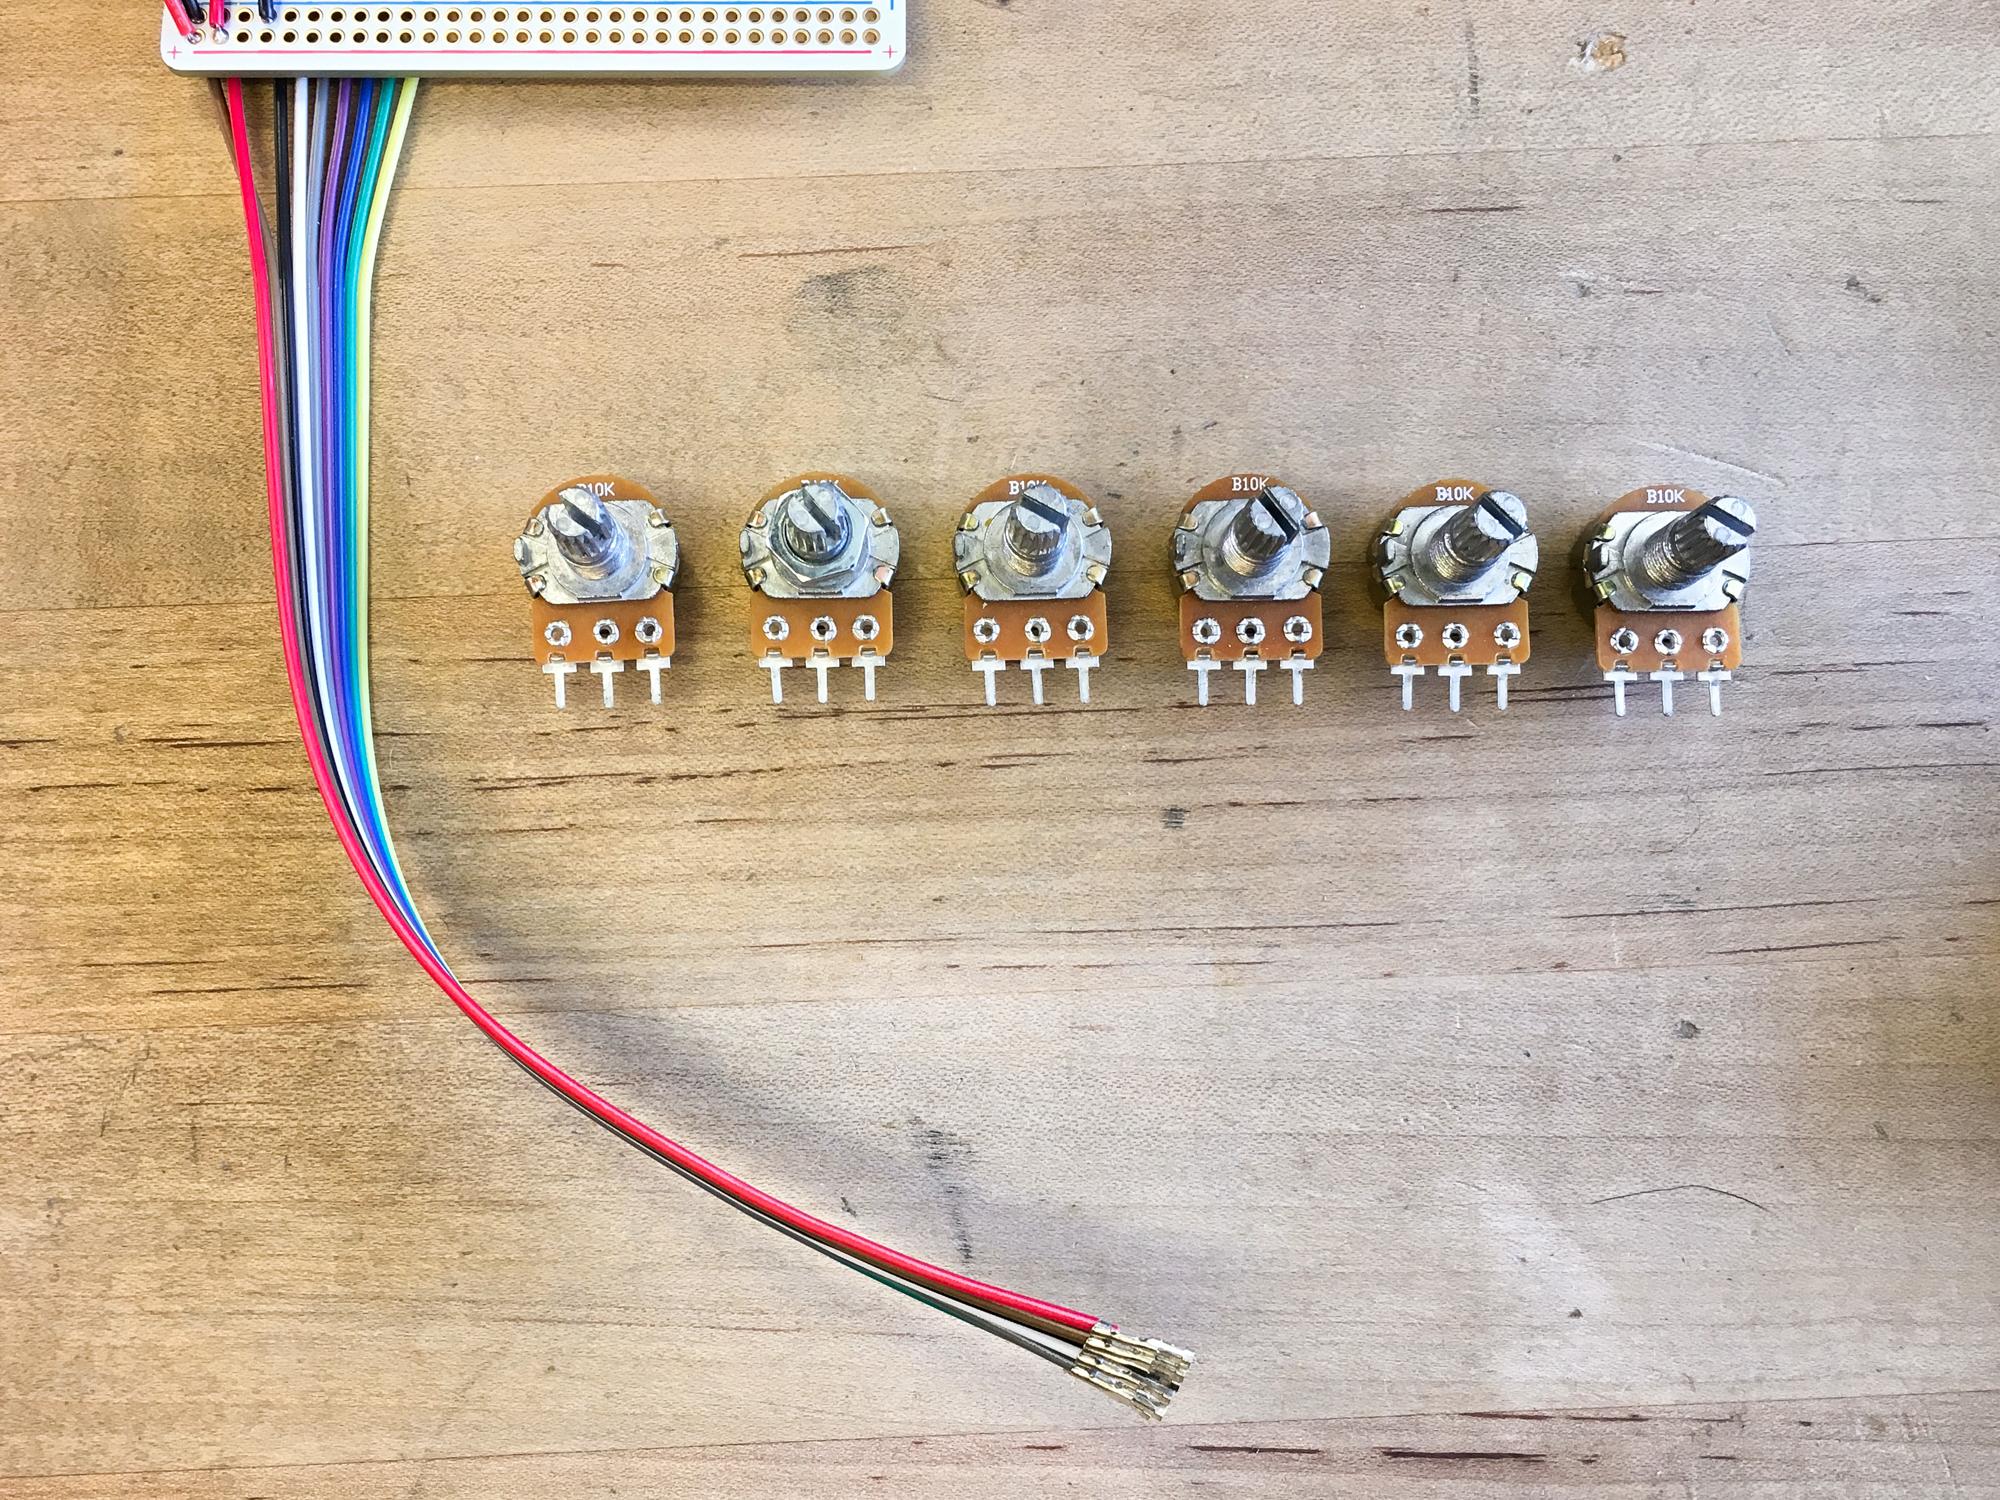 microcontrollers_IMG_1968_2k.jpg